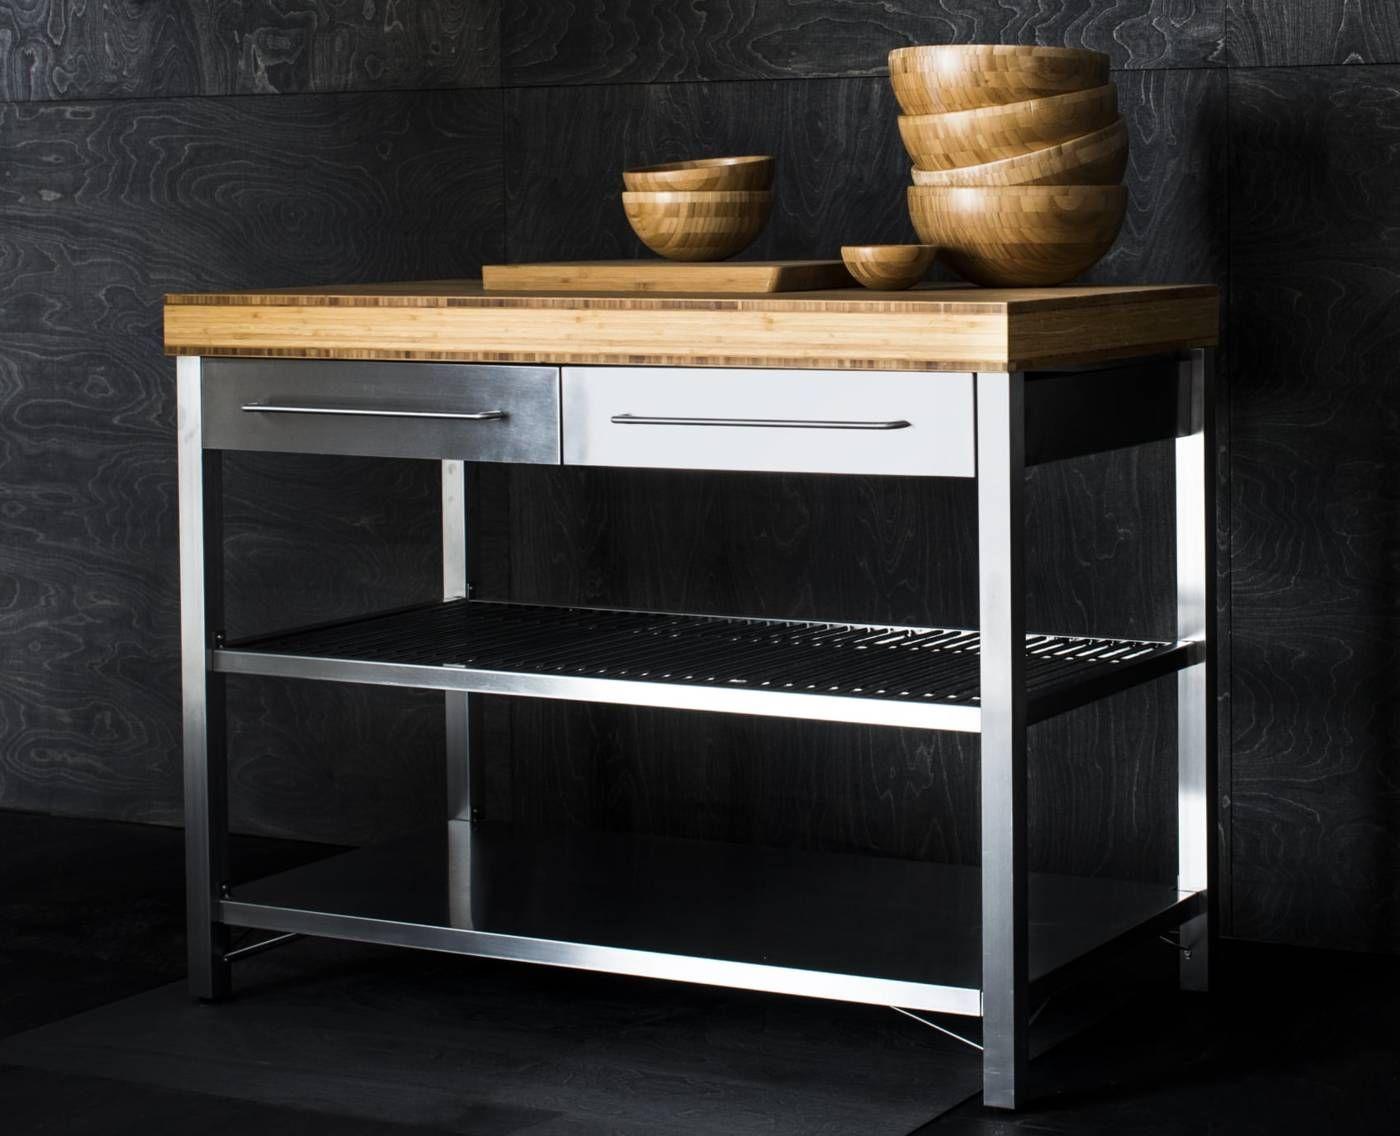 Berühmt Küchenlampenschirme Ikea Ideen - Ideen Für Die Küche ...